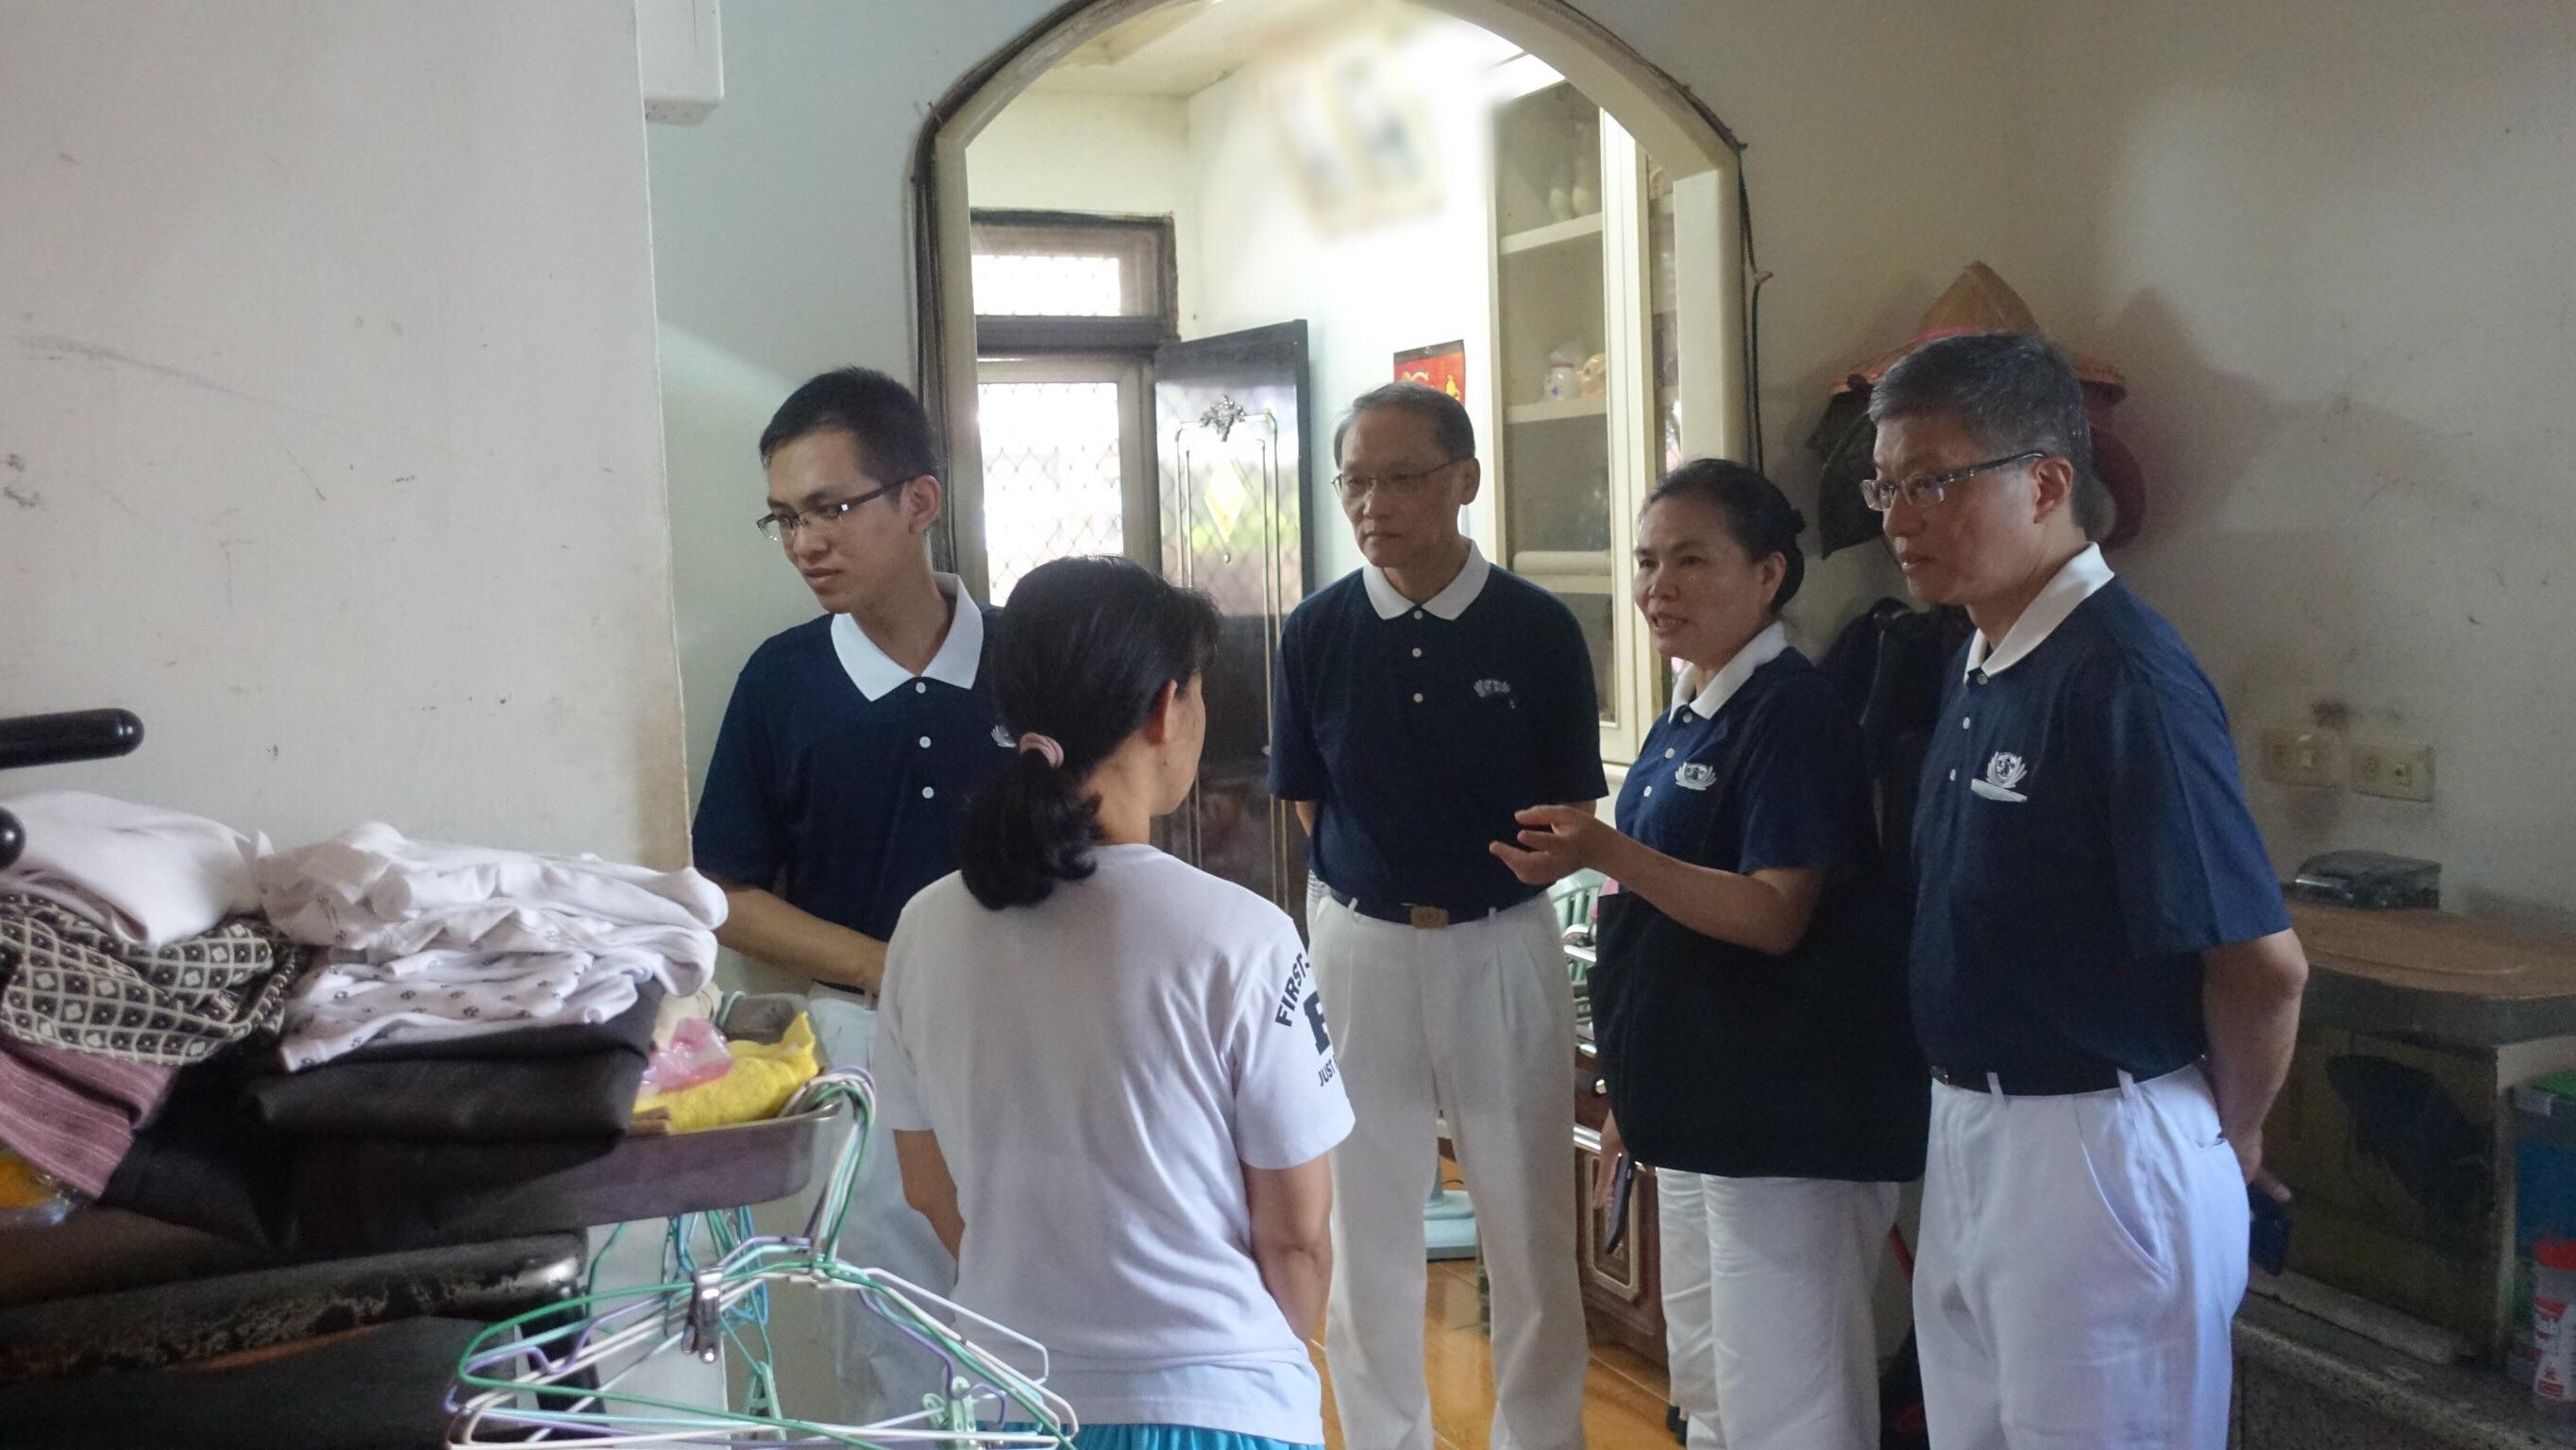 志工訪視了解是否有居家改善需求,盼更深耕慈善。(攝影:陳誼謙)